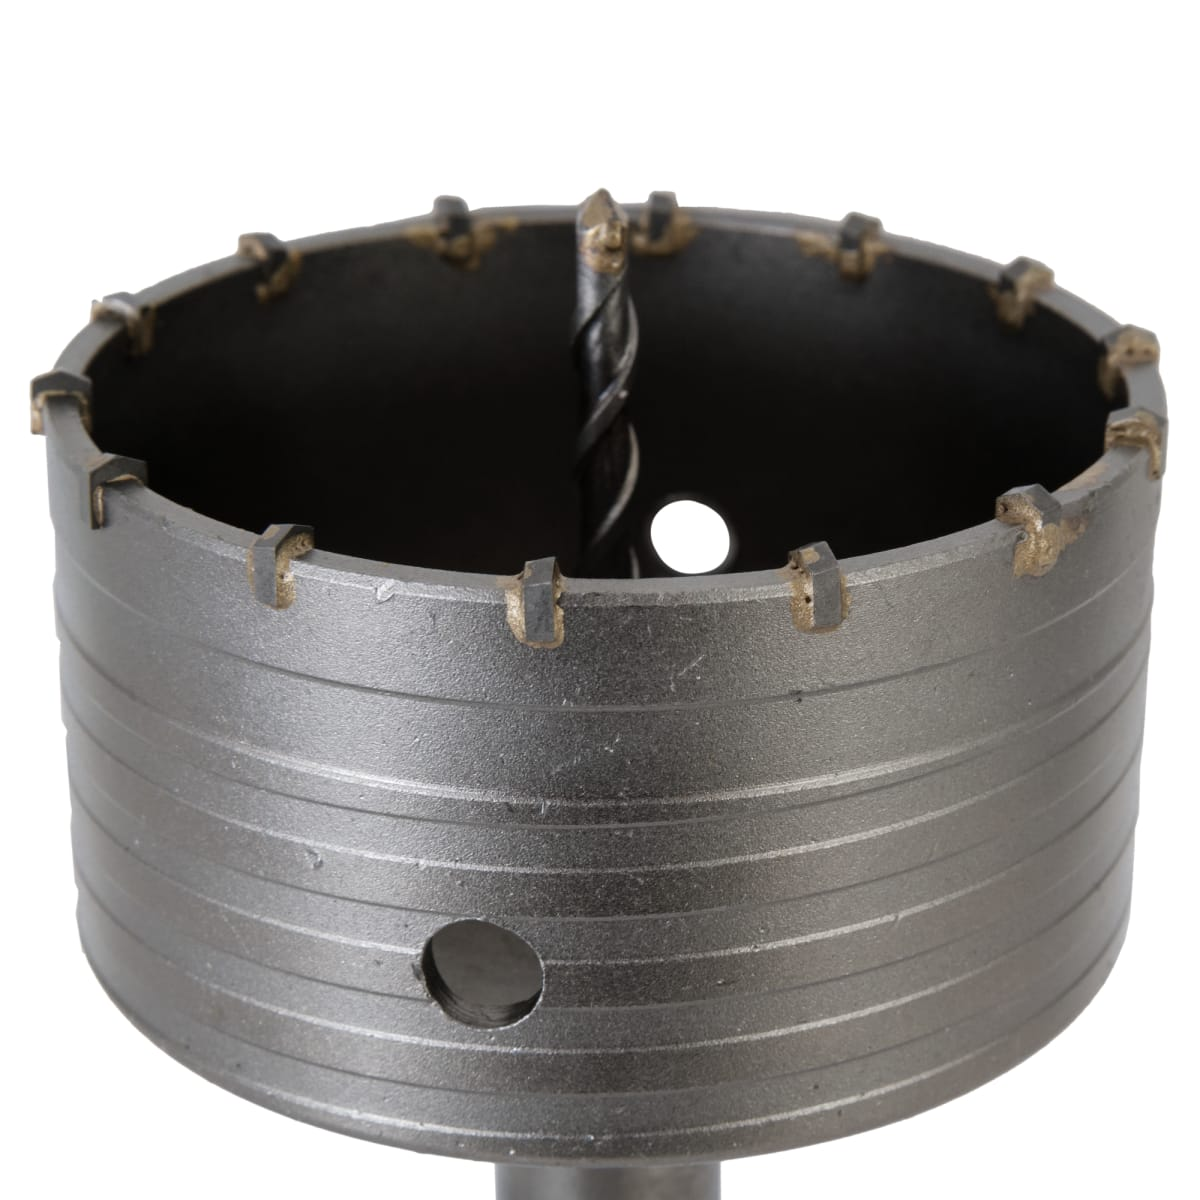 Купить коронку по бетону 110 мм в леруа мерлен фибробетон объемный вес